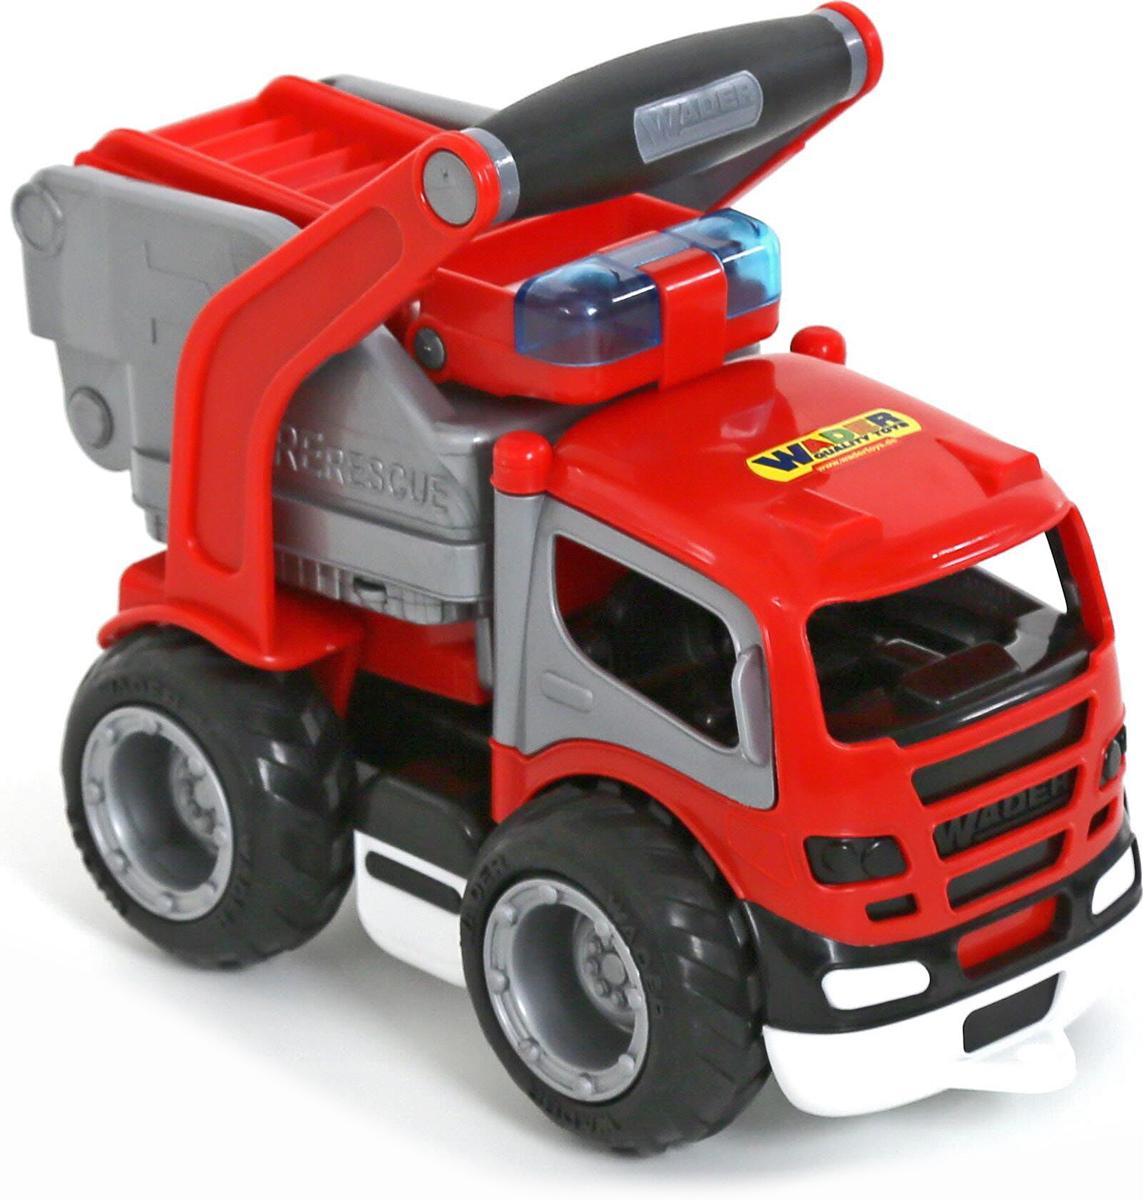 Полесье Пожарный автомобиль ГрипТрак 0872 автомобиль пожарный полесье volvo в сеточке 8787